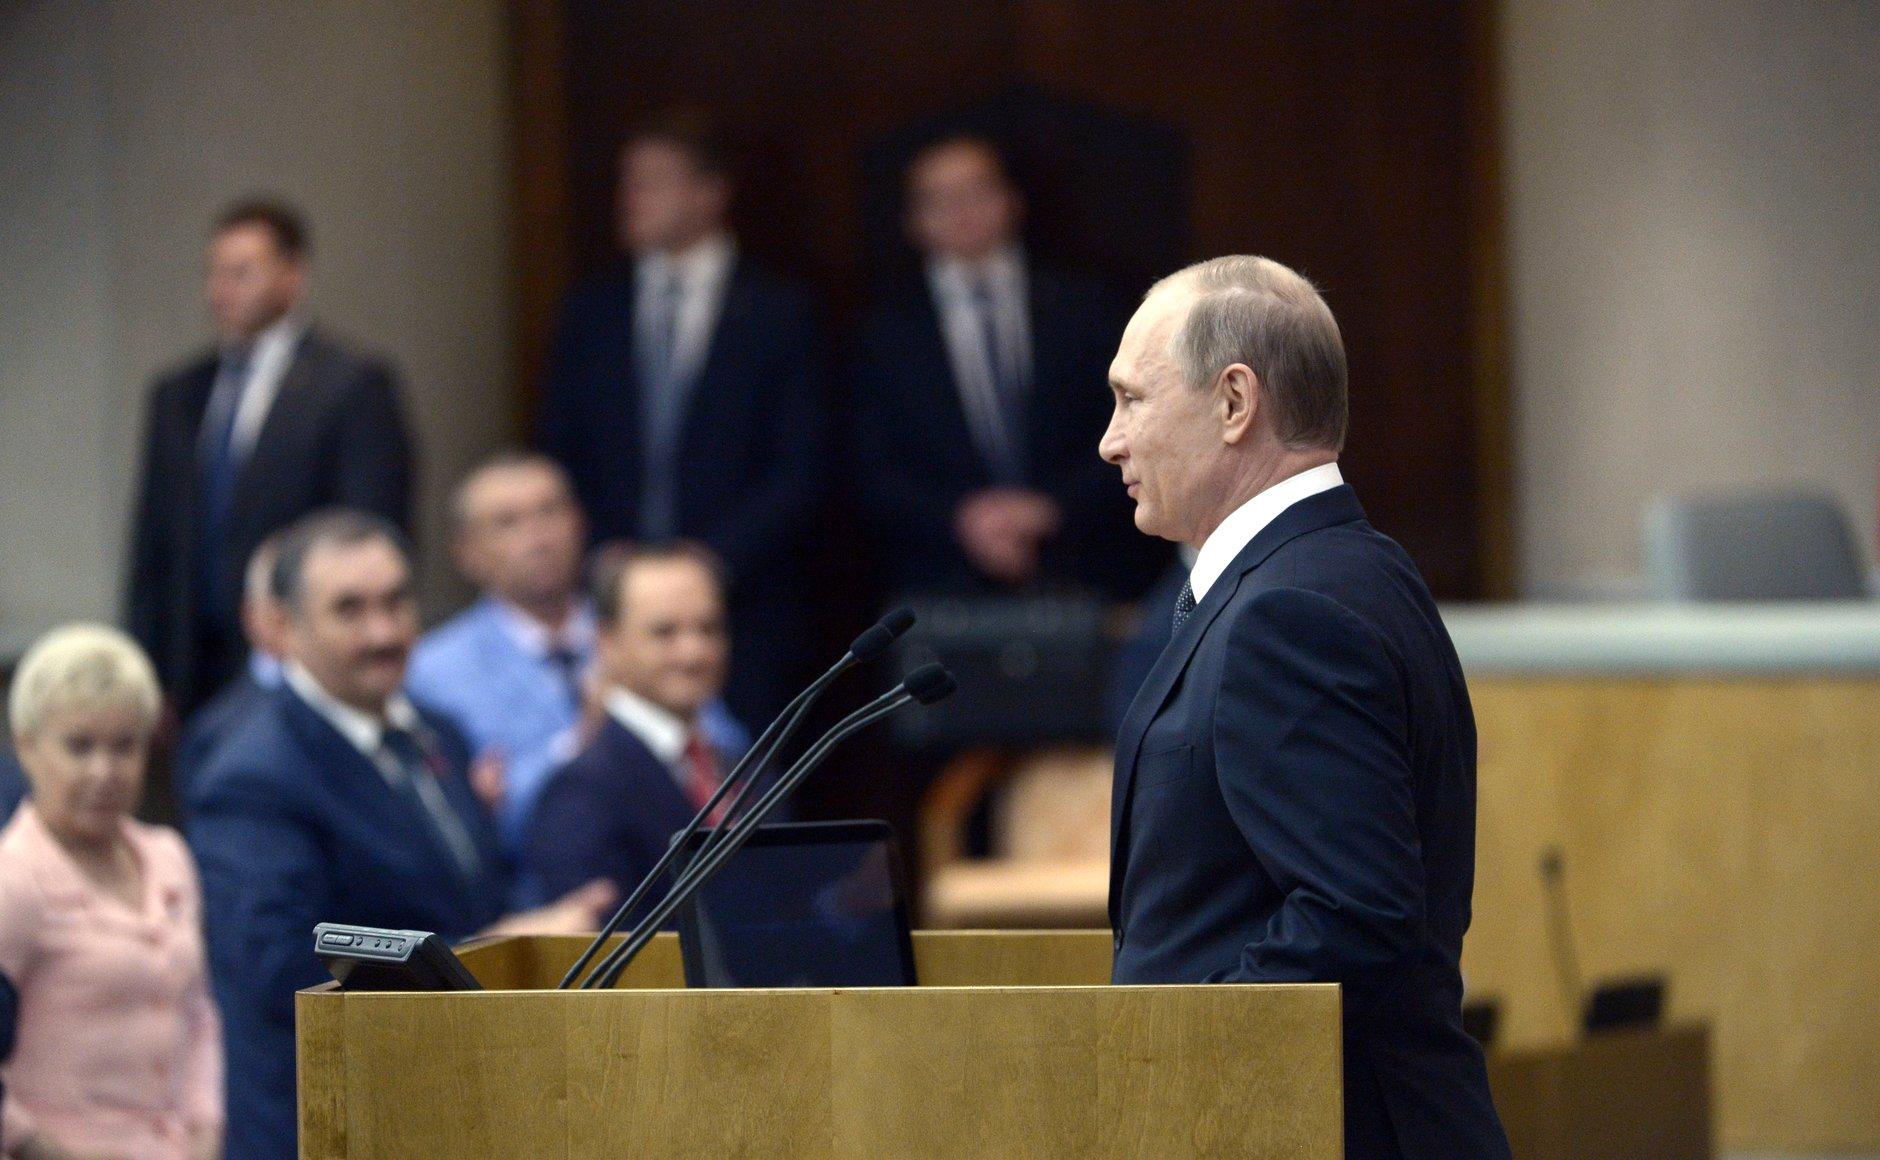 """Präsident Wladimir Putin dankt den Duma-Abgeordneten für ihre """"konsolidierende Unterstützung"""" zum Wohle Russlands – Foto © kremlin.ru"""